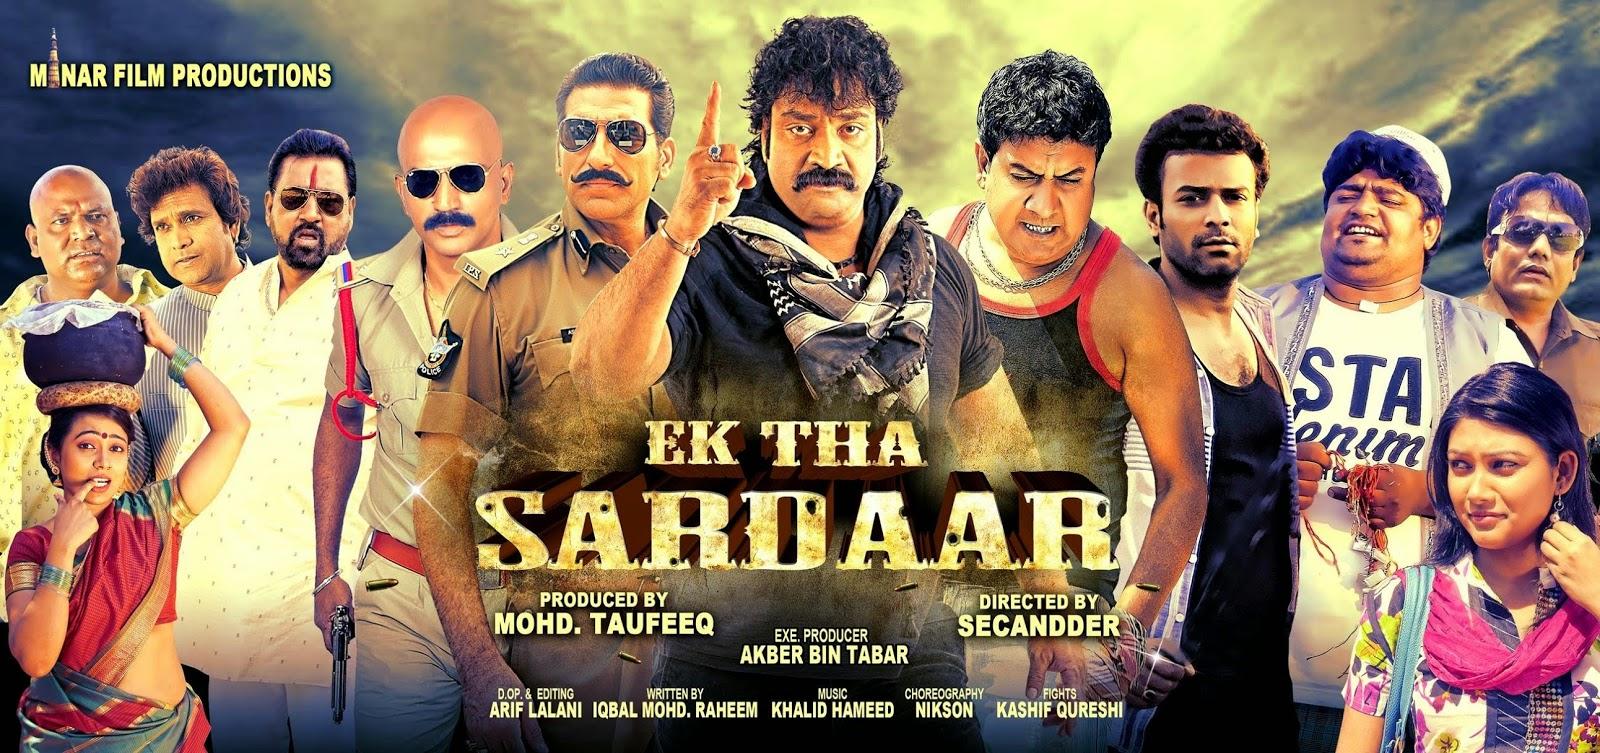 Ek tha sardaar 2014 Hindi Movie Watch Online